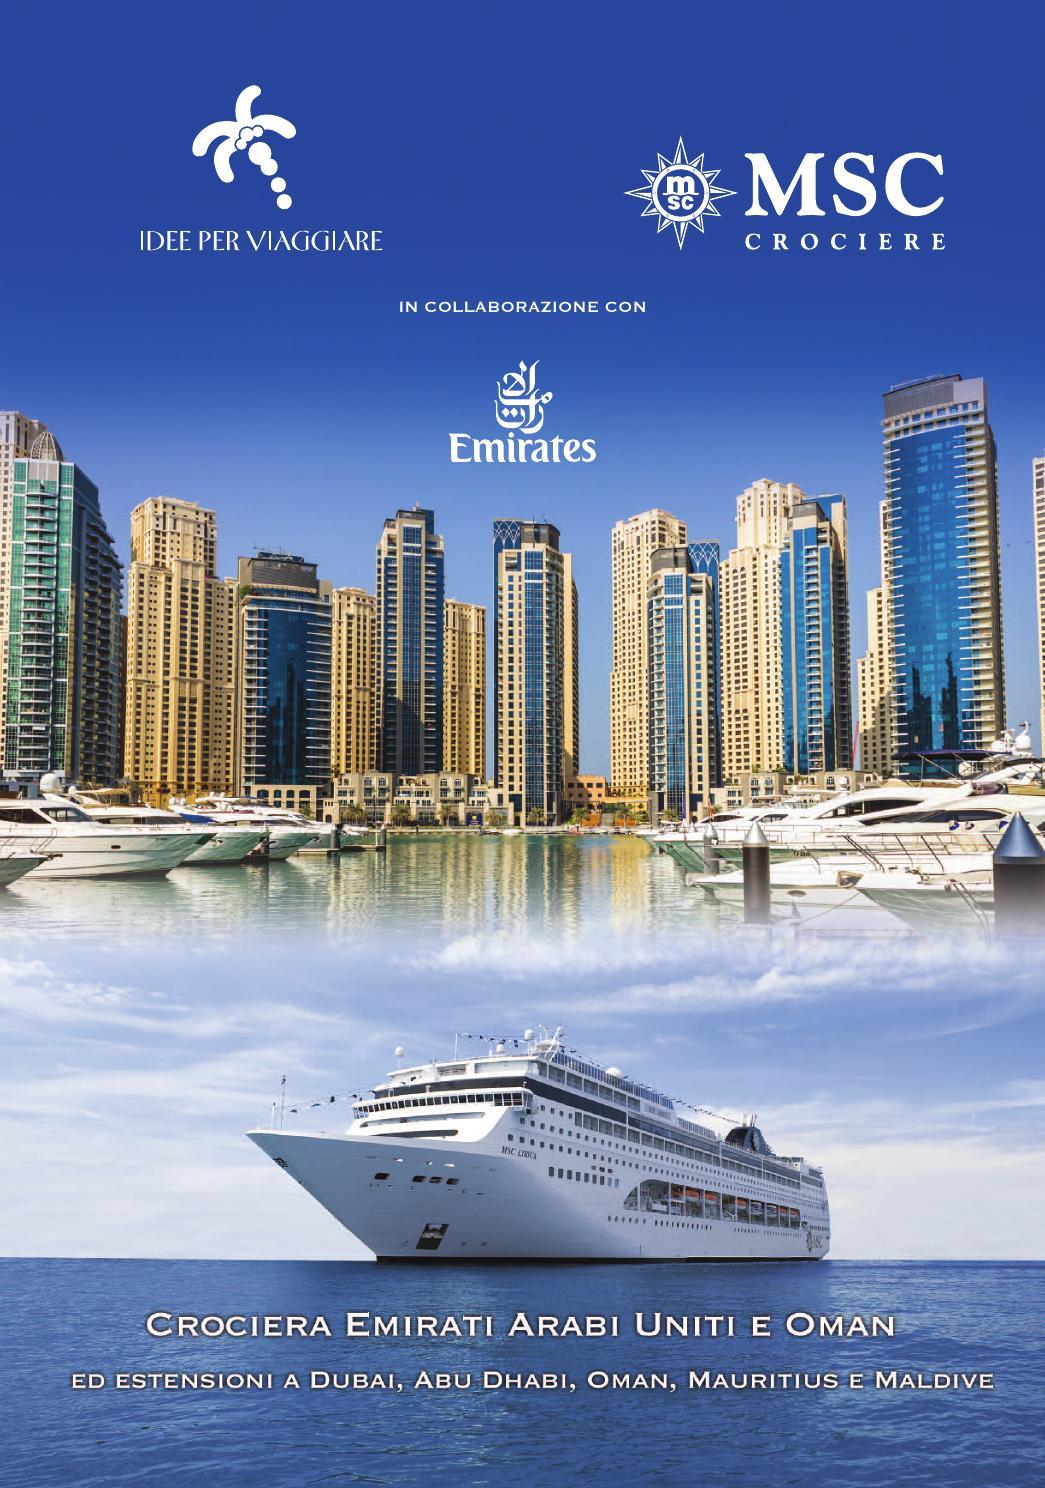 Crociera MSC Emirati Arabi Uniti E Oman By Idee Per Viaggiare Issuu